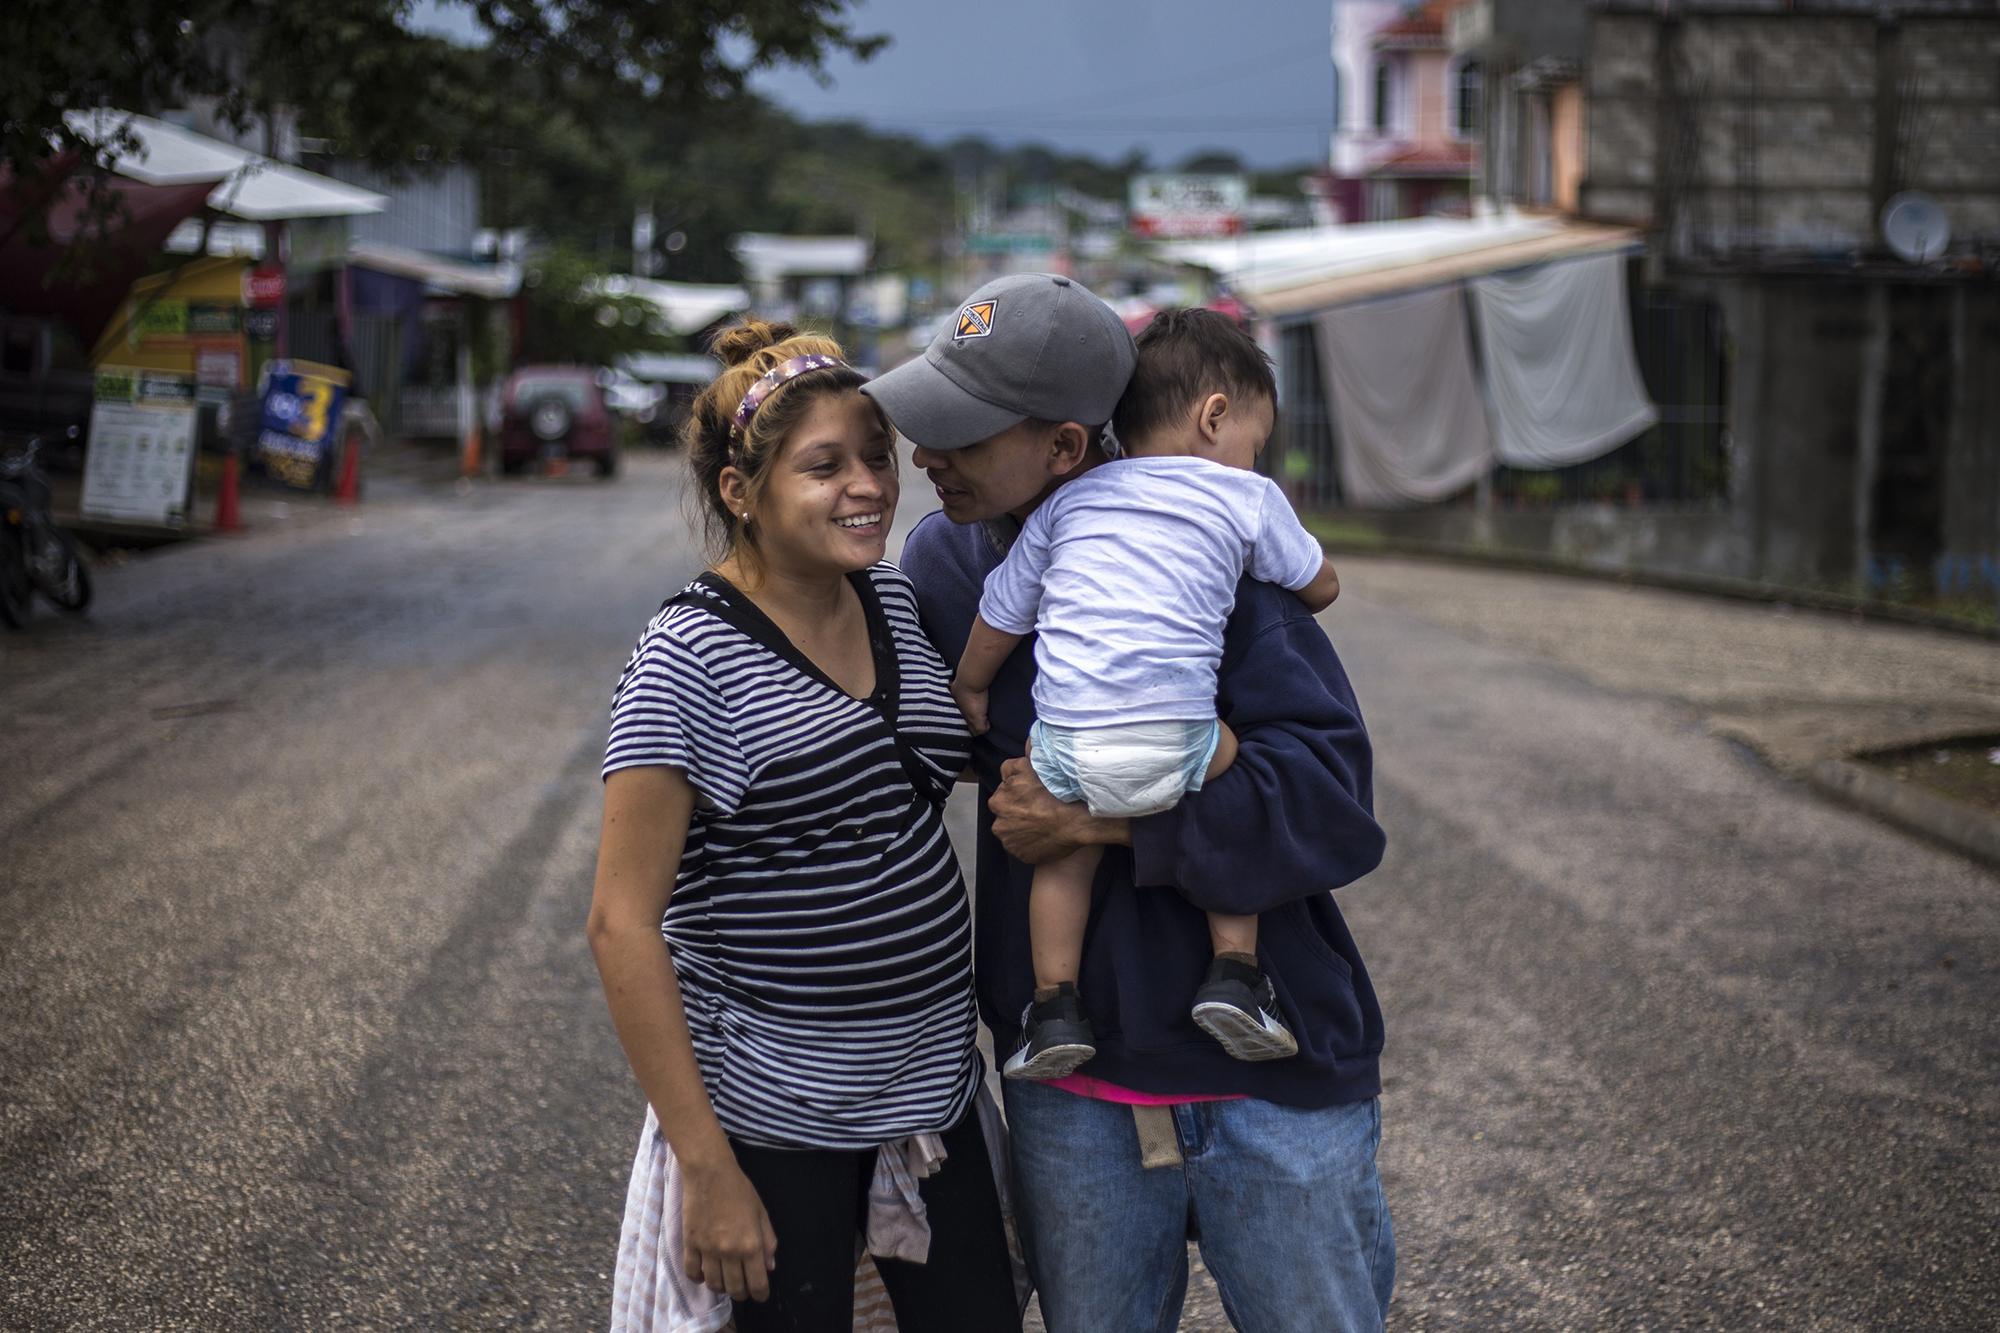 Katheryn y Óscar vendieron todo lo que tenían y huyeron de San Pedro Sula. Ella tiene 17 años. Él, de 19, sostiene al hijo de ambos, de un año. Katheryn está embarazada de nuevo. Foto: Víctor Peña.